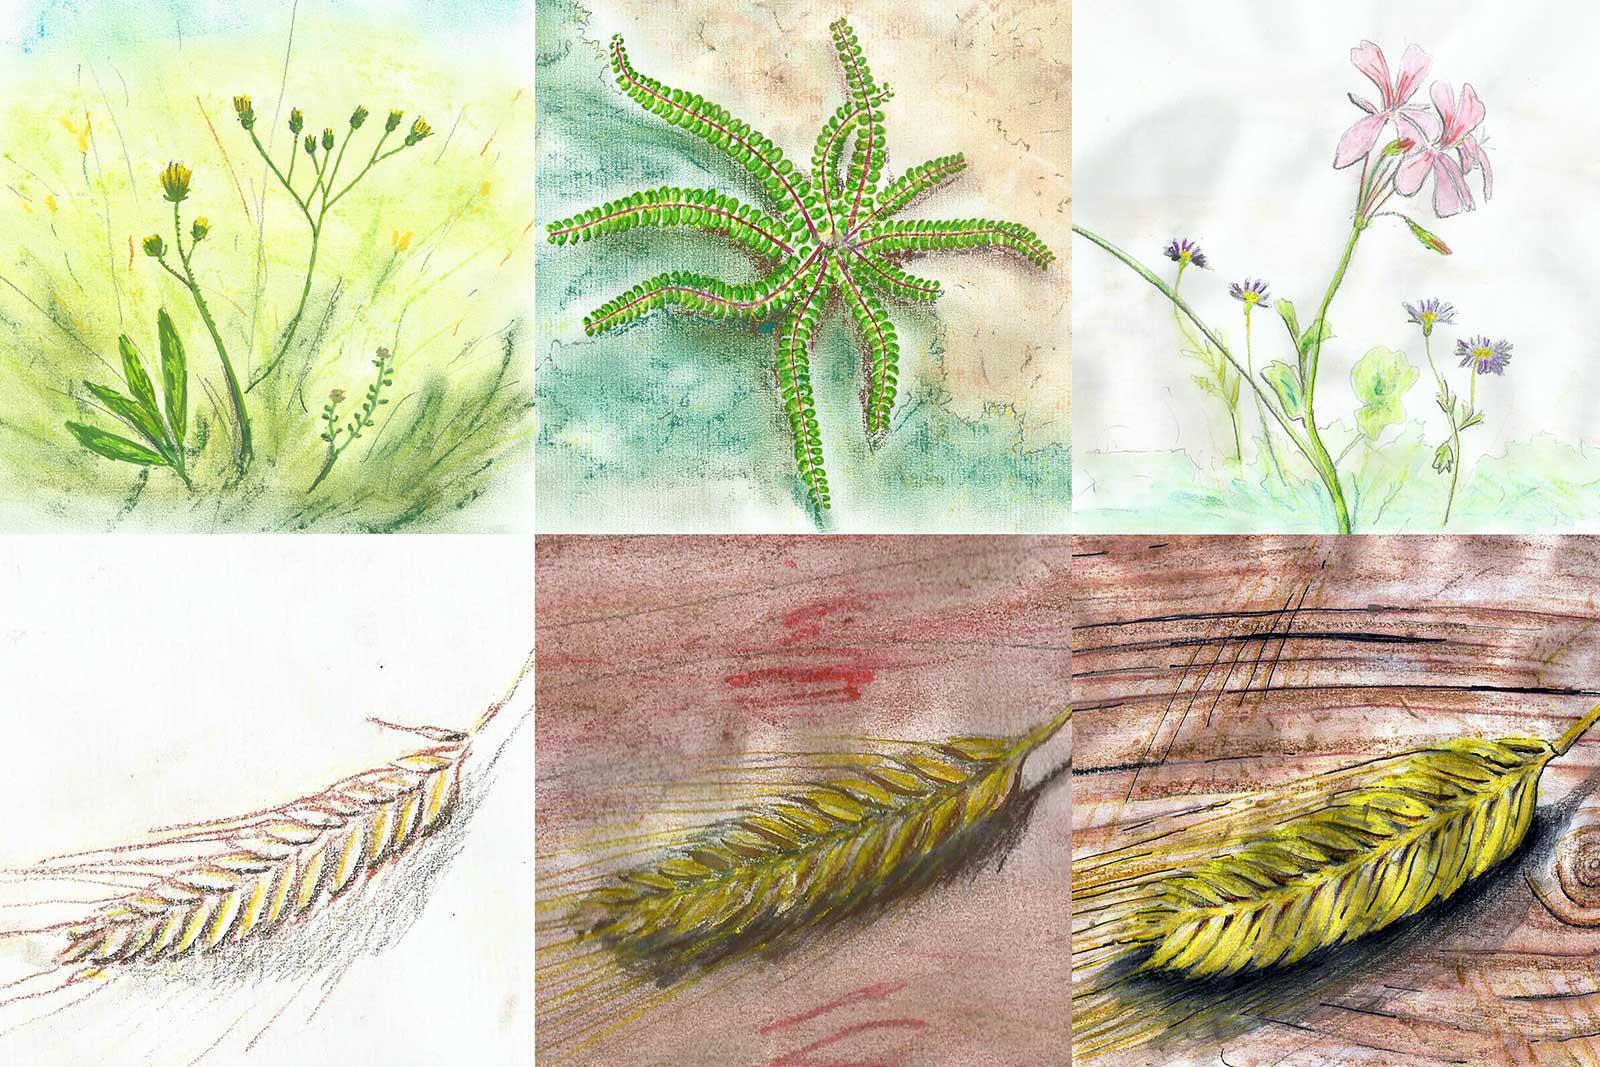 Schetsen van diverse planten die voorkomen rond de moulin d'Orsennes in Frankrijk, handgetekend met traditionele materialen als potlood, krijt en viltstift, op papier